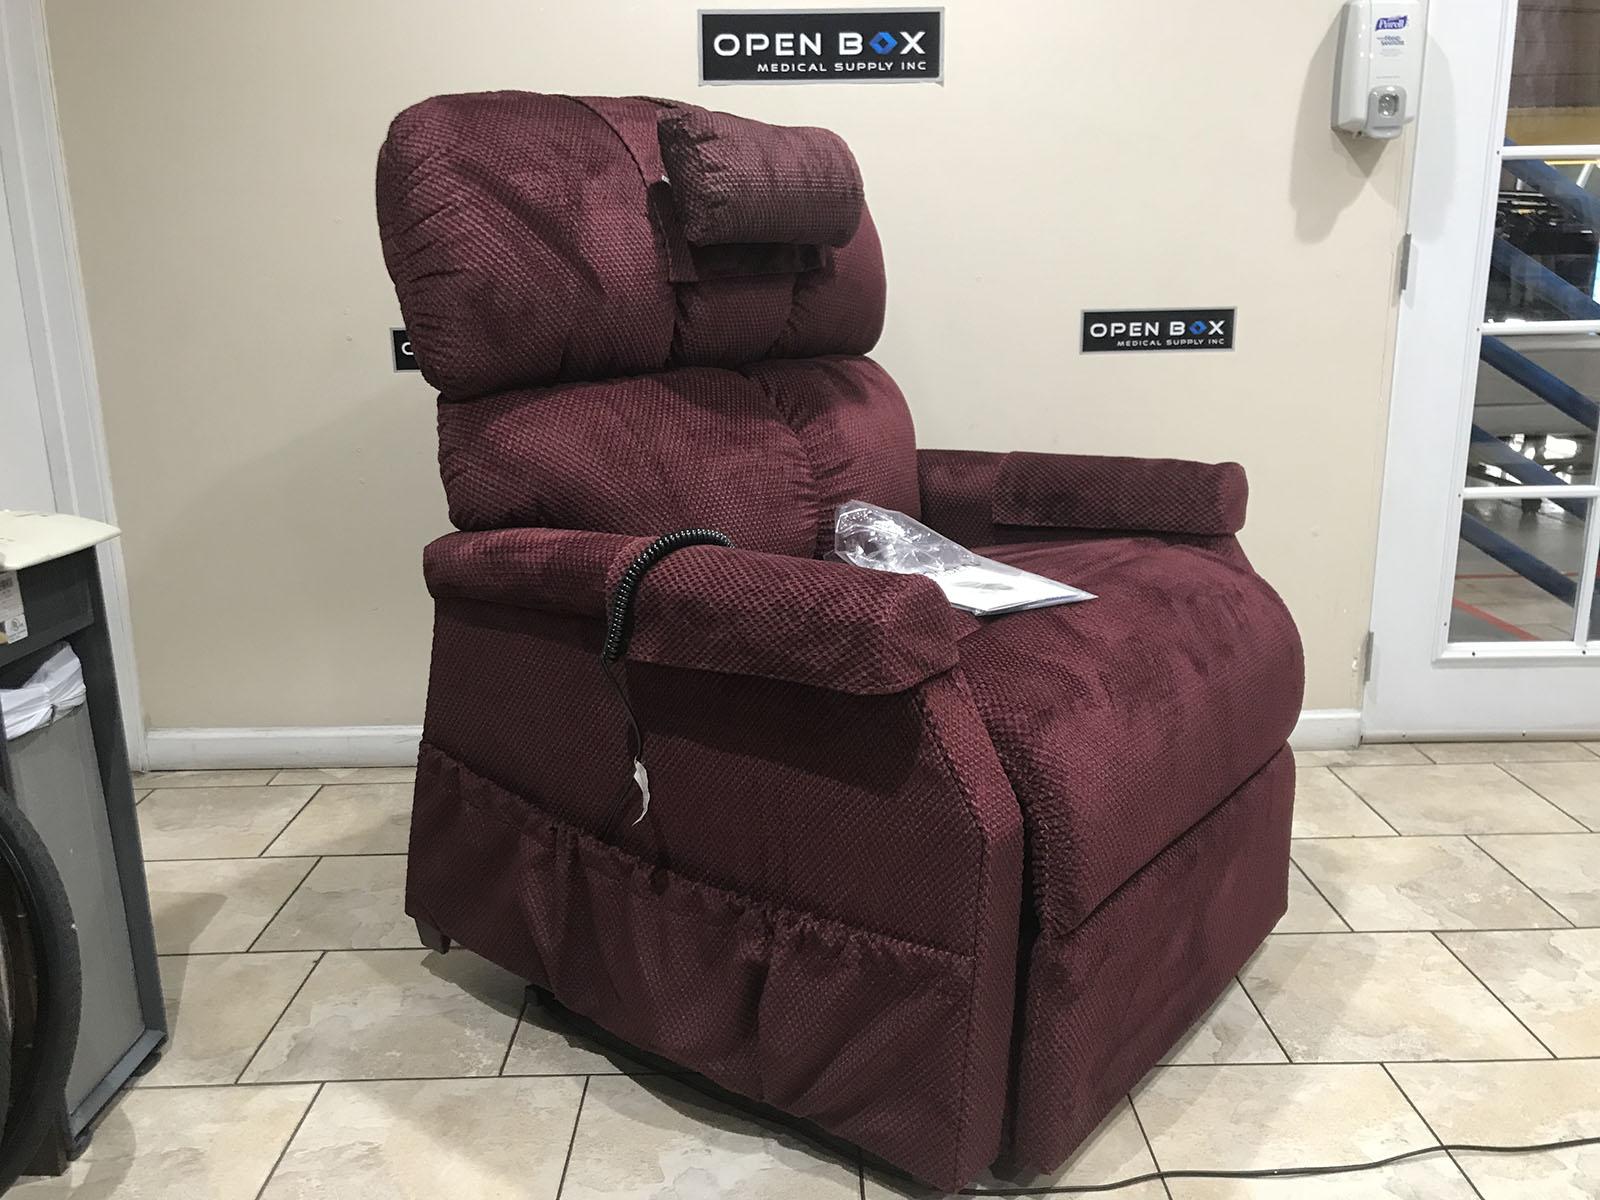 golden-tech-comforter-pr-501-t28-hd-lift-chair-1.jpg & Golden Tech Comforter PR-501-T28 HD Lift Chair